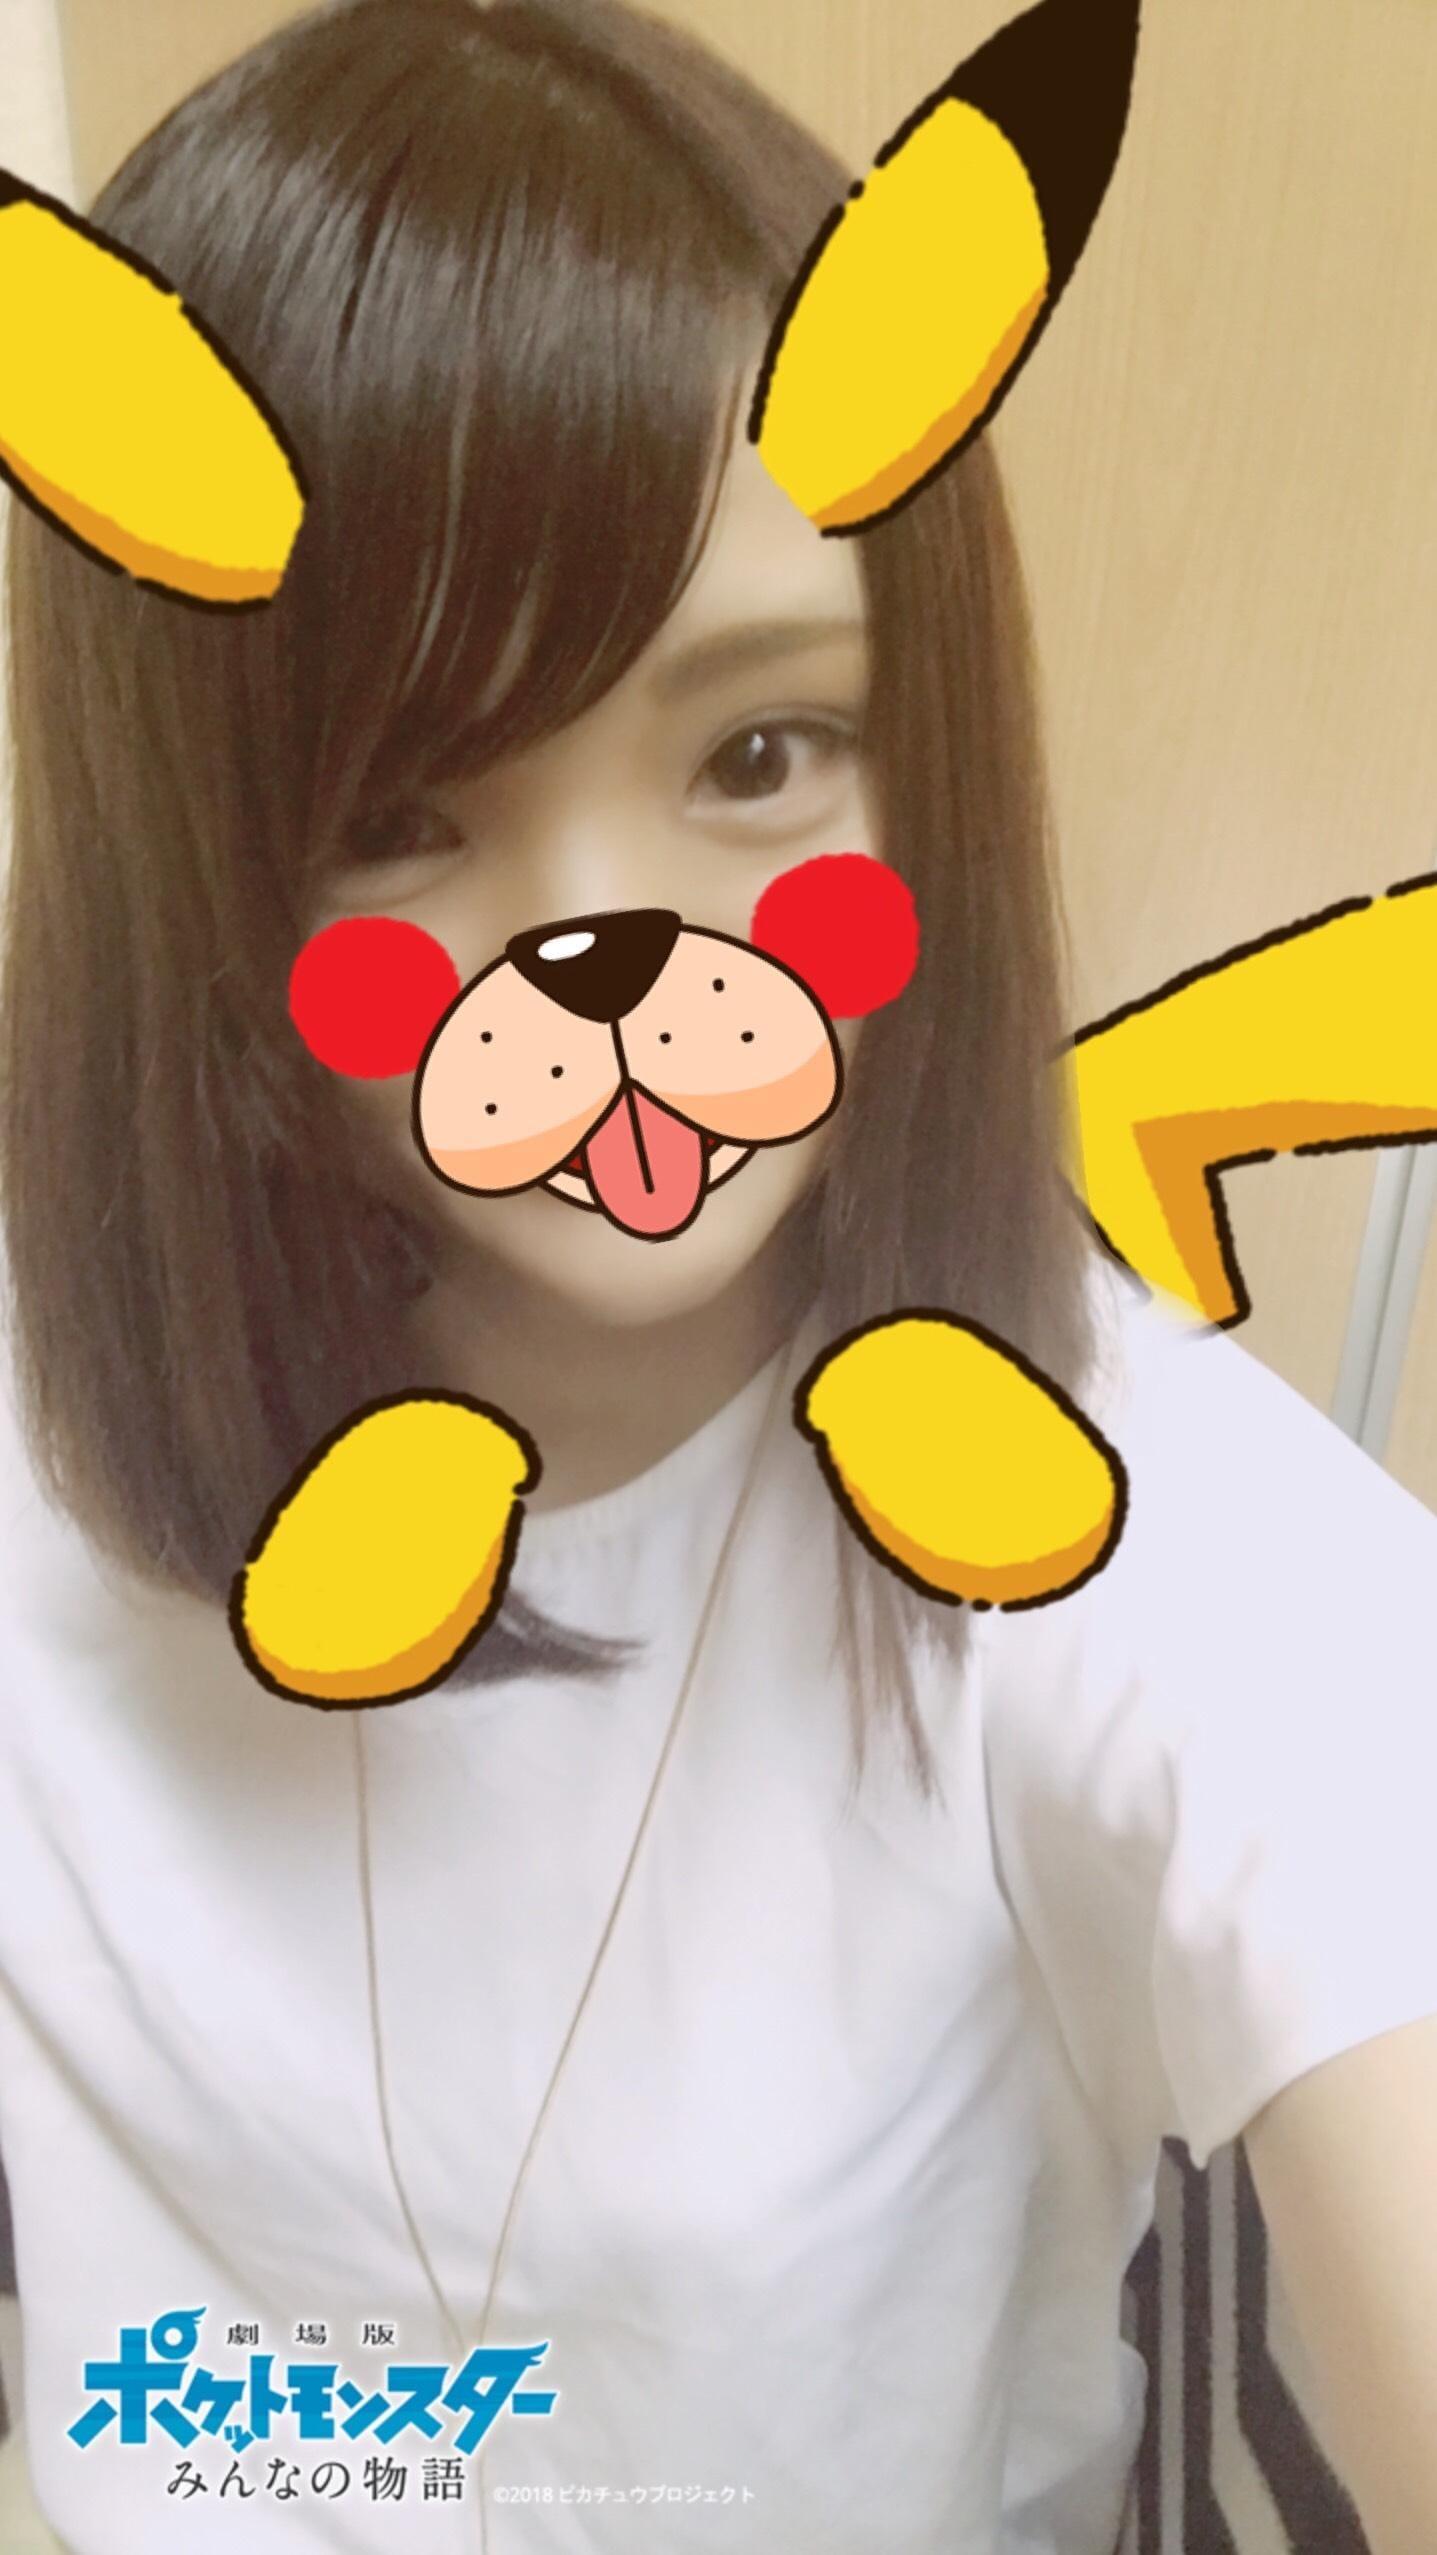 「ピカチュー♡」07/23(月) 23:22 | めいの写メ・風俗動画